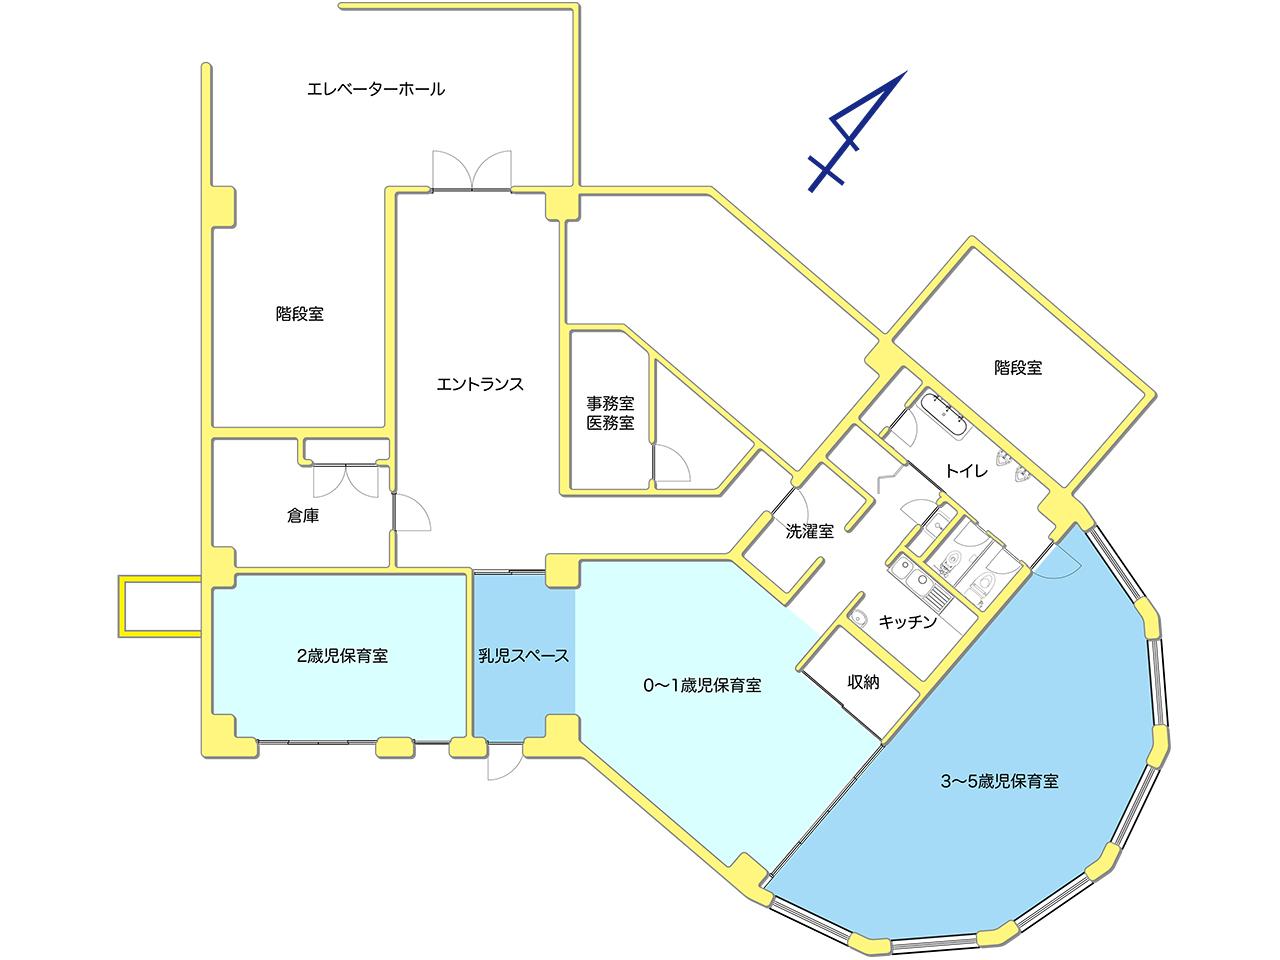 高洲マミー保育園 見取り図 1F